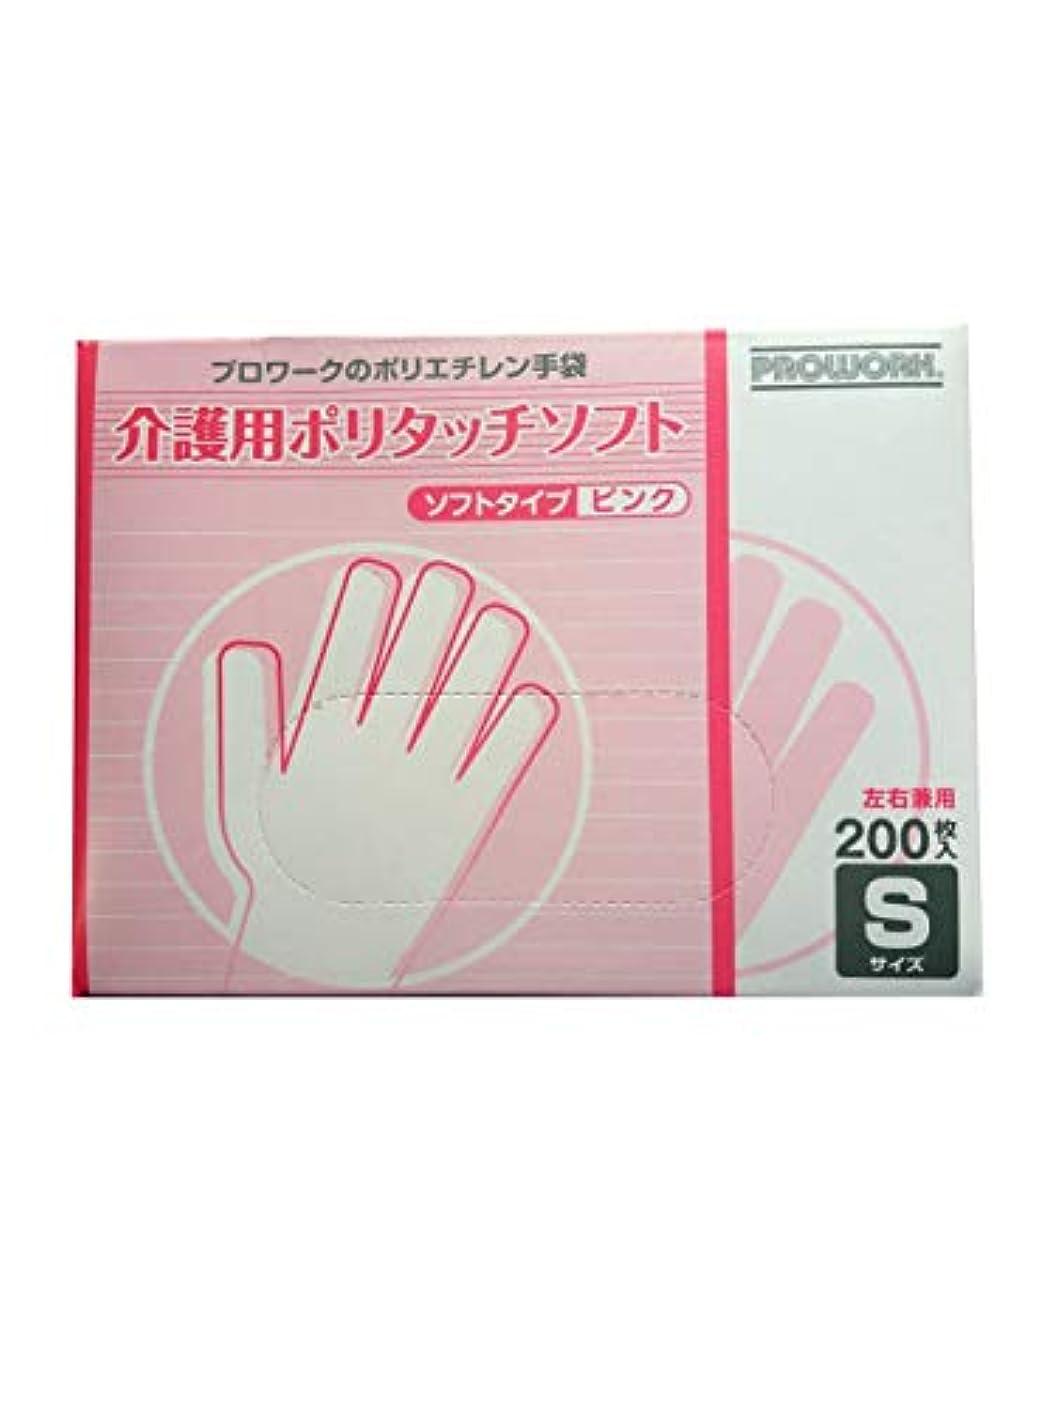 口頭介入する革命介護用ポリタッチソフト手袋 ピンク Sサイズ 左右兼用200枚入